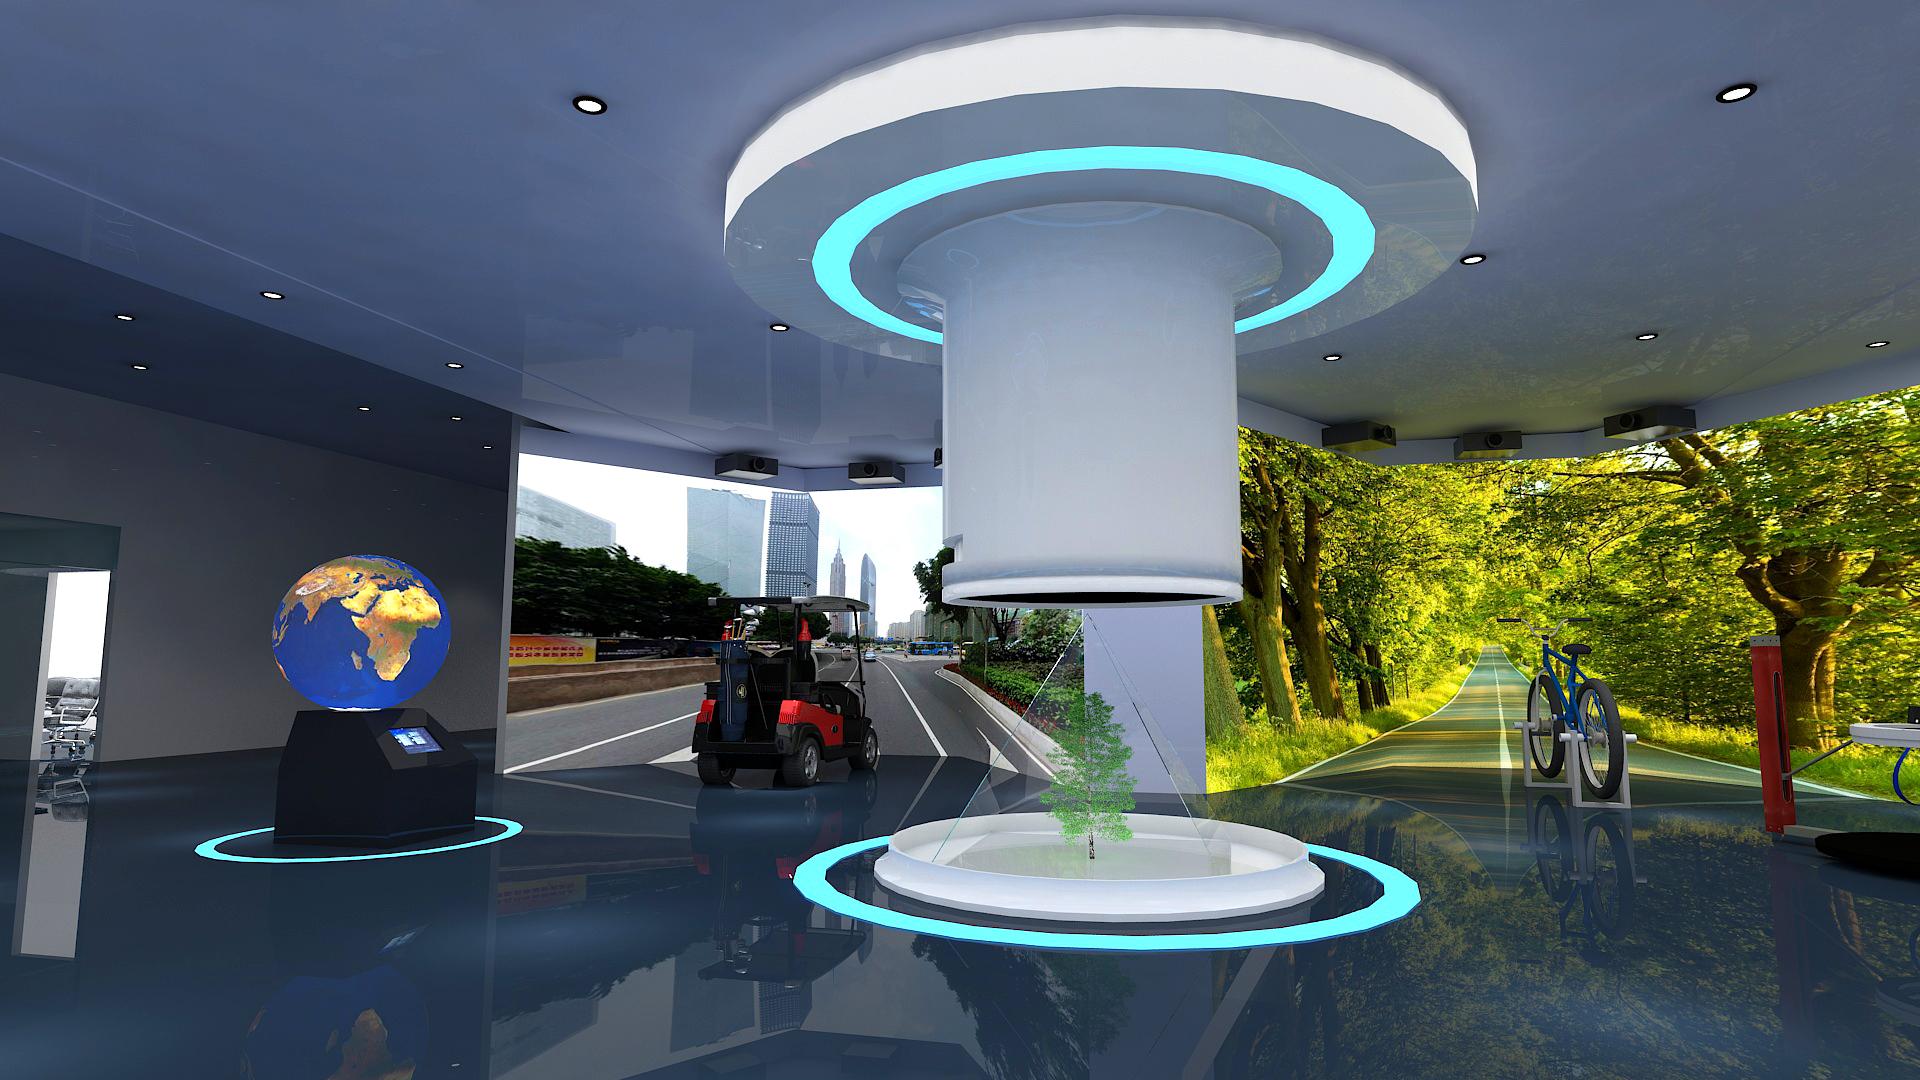 基于虚拟现实(VR)技术 展现城市地域特色的园林文化